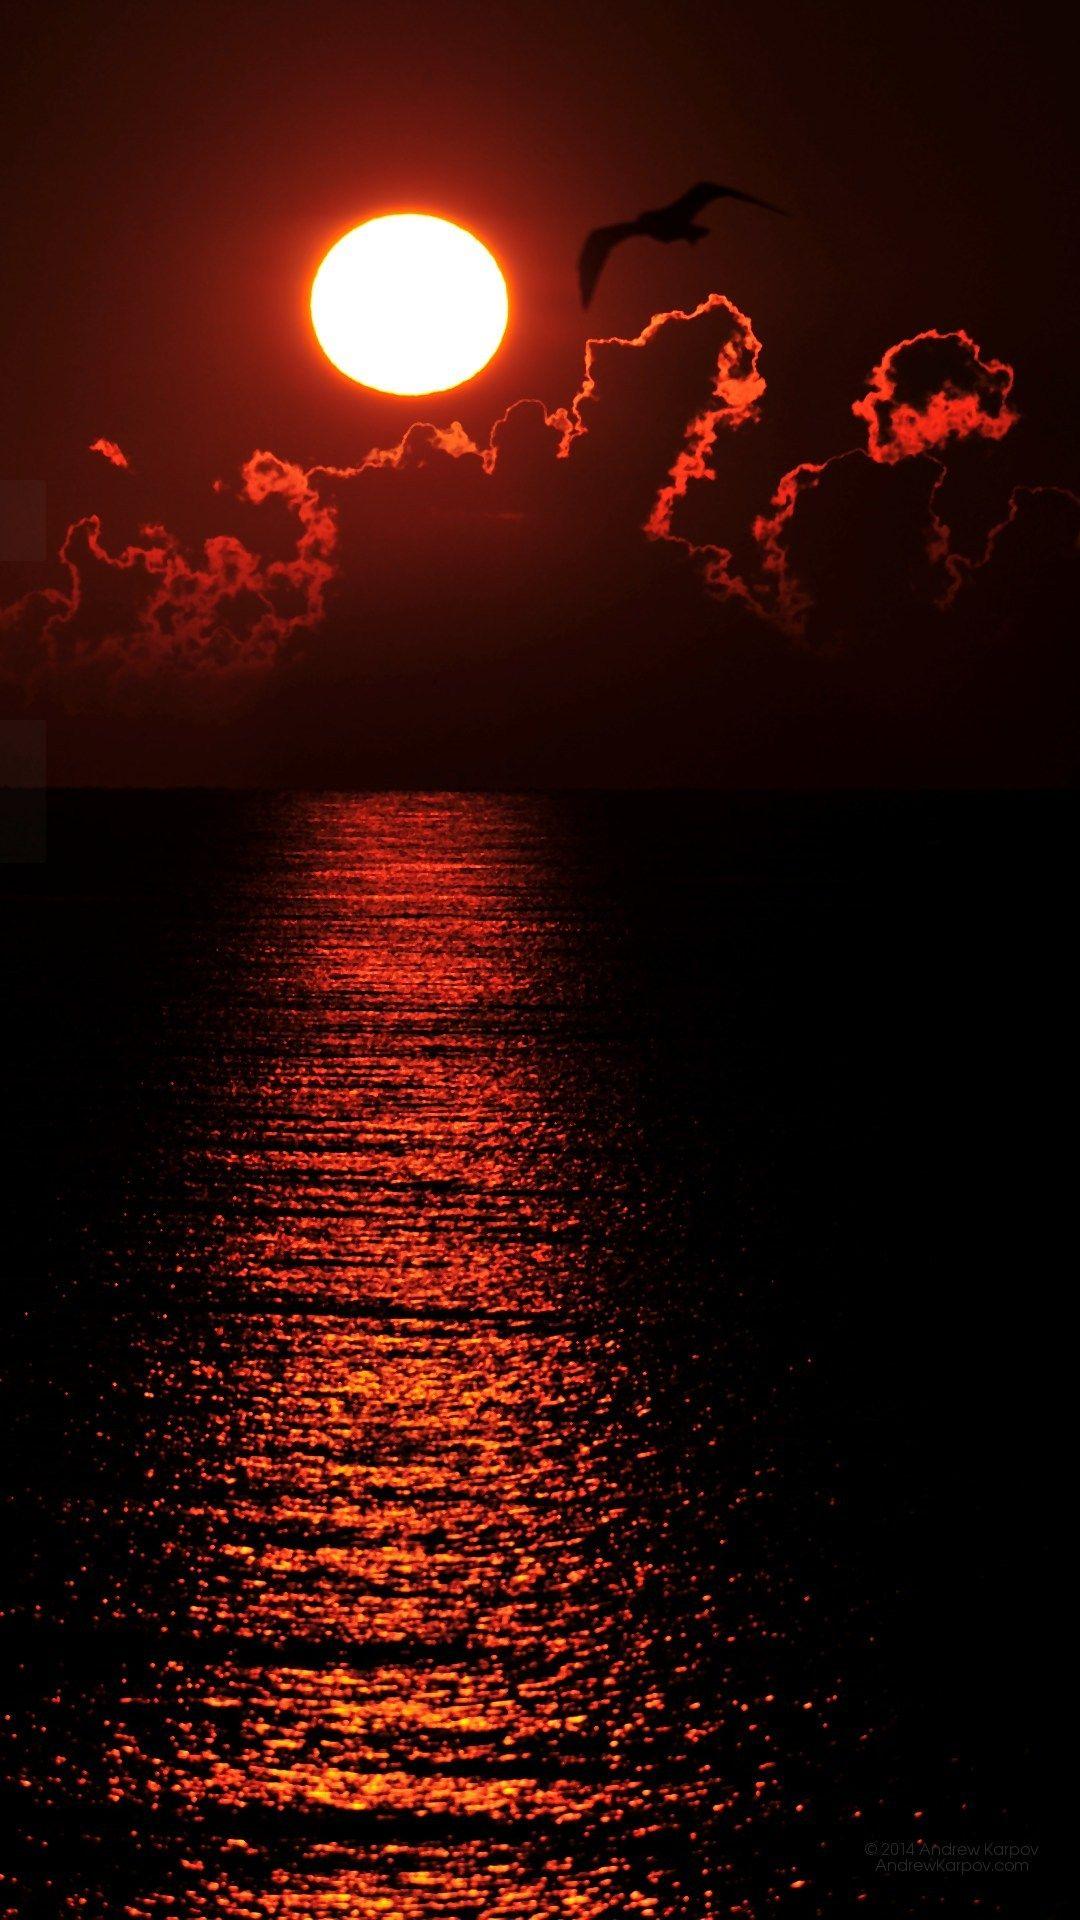 日の出の壁紙 1080 X 19 1080x19 無料デスクトップの壁紙 7869 Iphone Xの壁紙がダウンロードし放題 美しい月 美しい風景写真 夕焼け